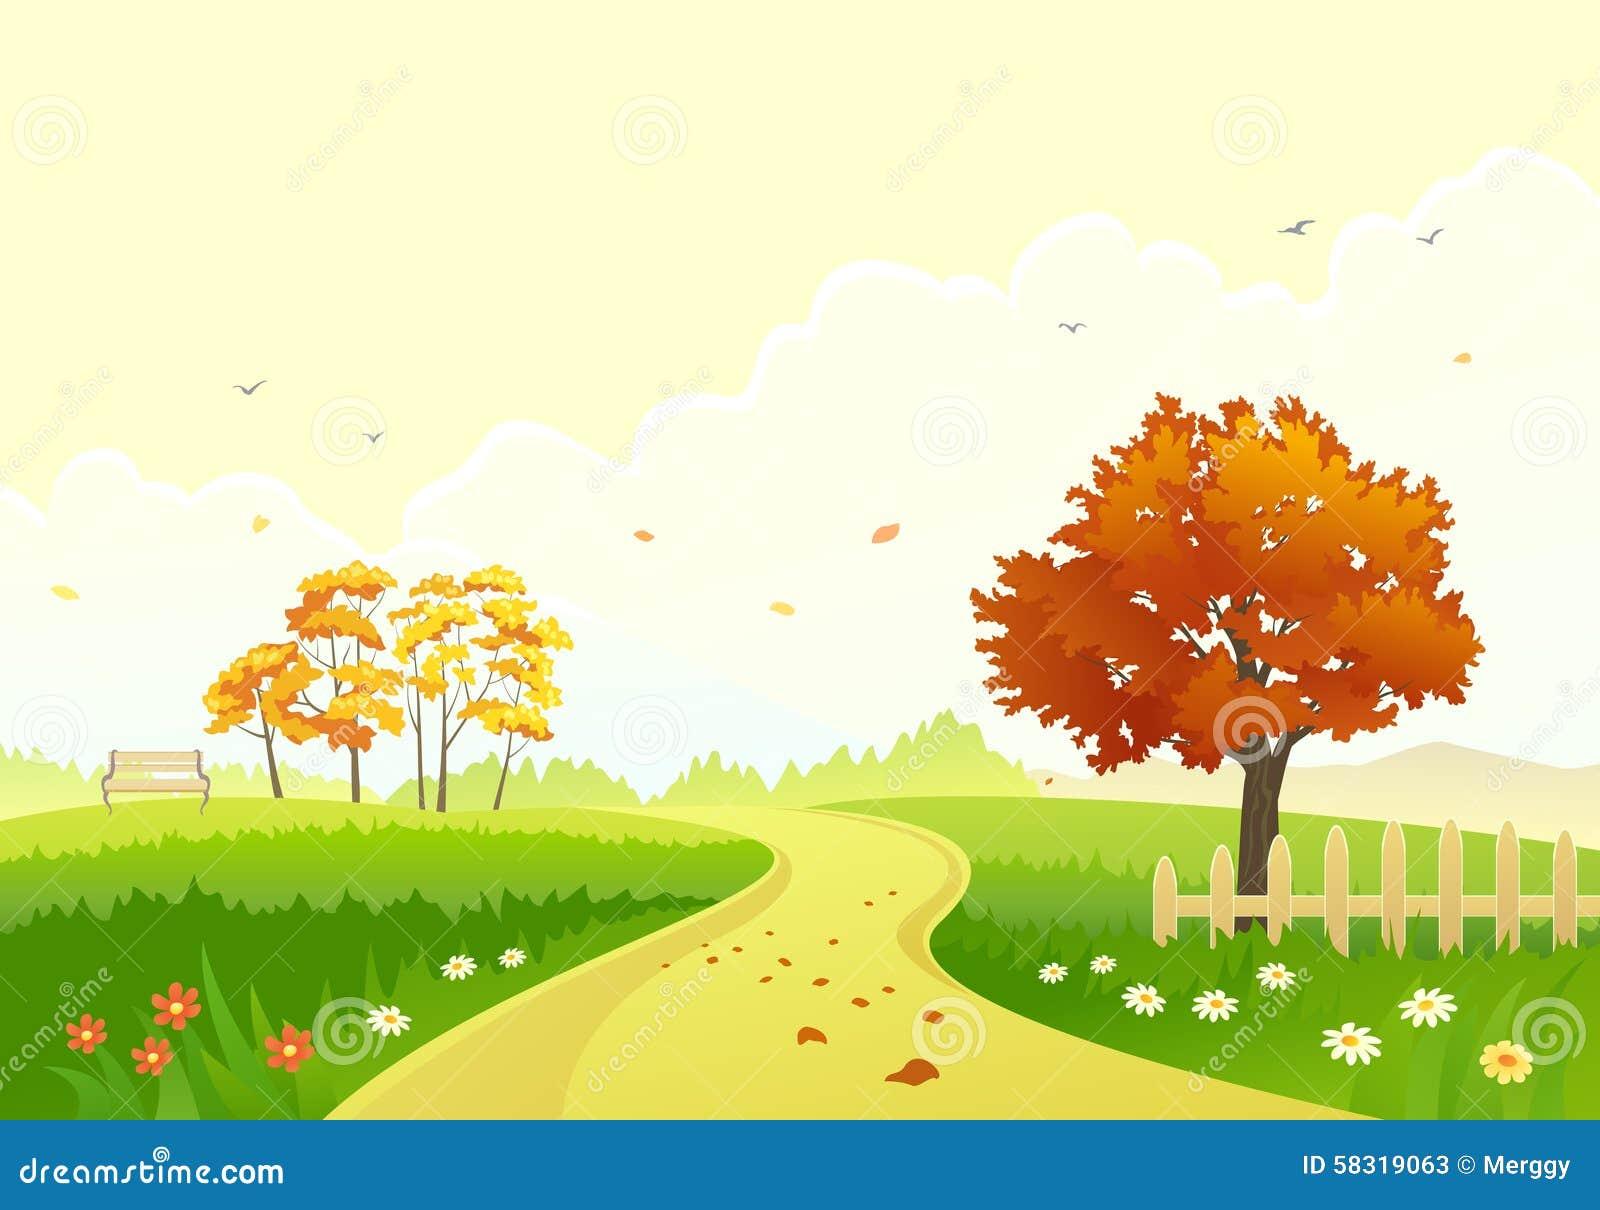 动画片, 横向, 秋天, 范围, 叶子, 庭院, 落叶, 逗人喜爱, 图画图片